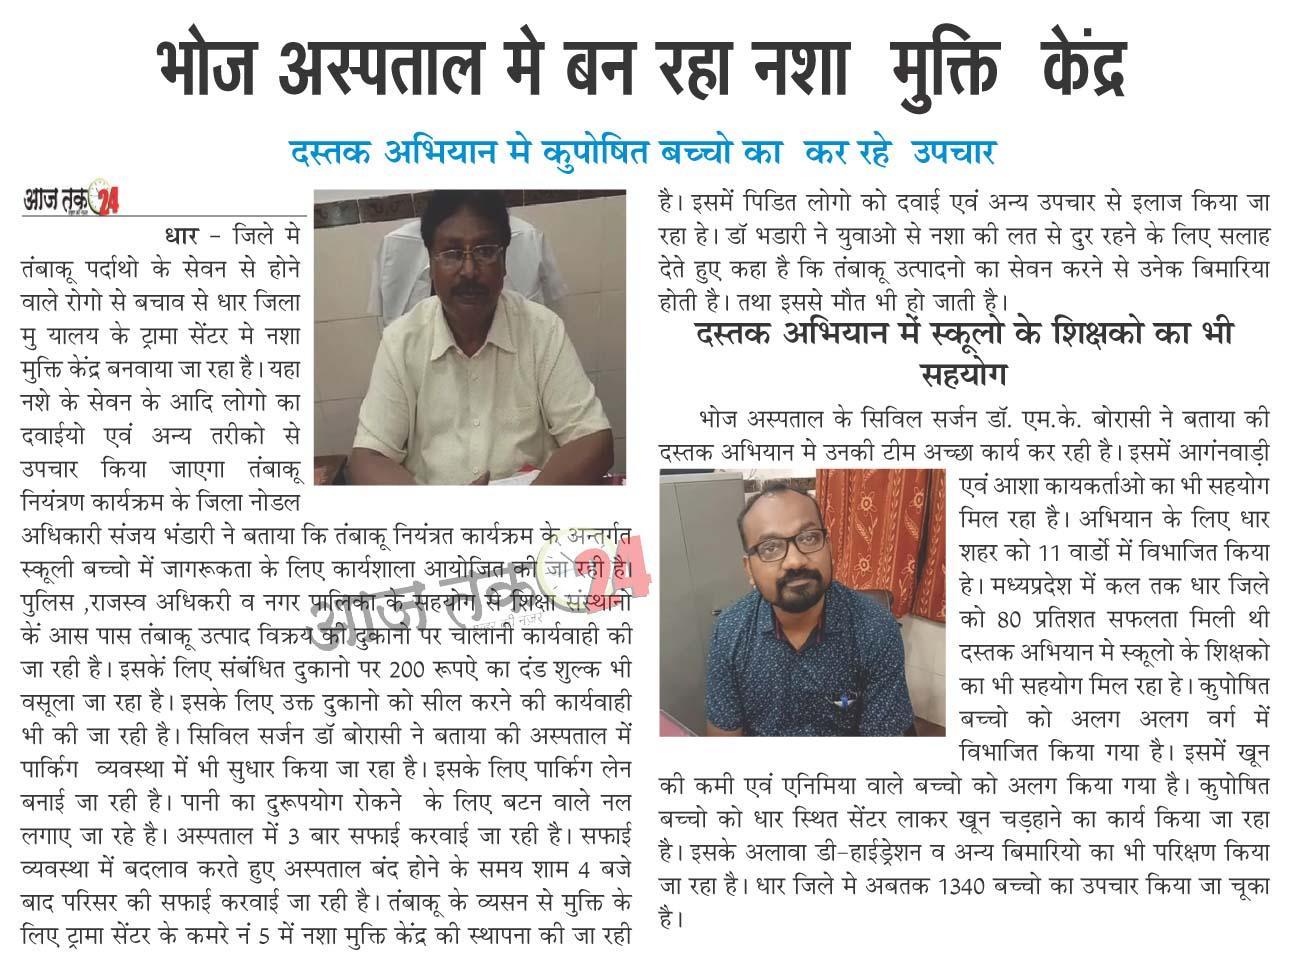 भोज अस्पताल में बन रहा नशा मुक्ति केंद्र | bhoj asaptal me ban raha nshaa mukti kendra